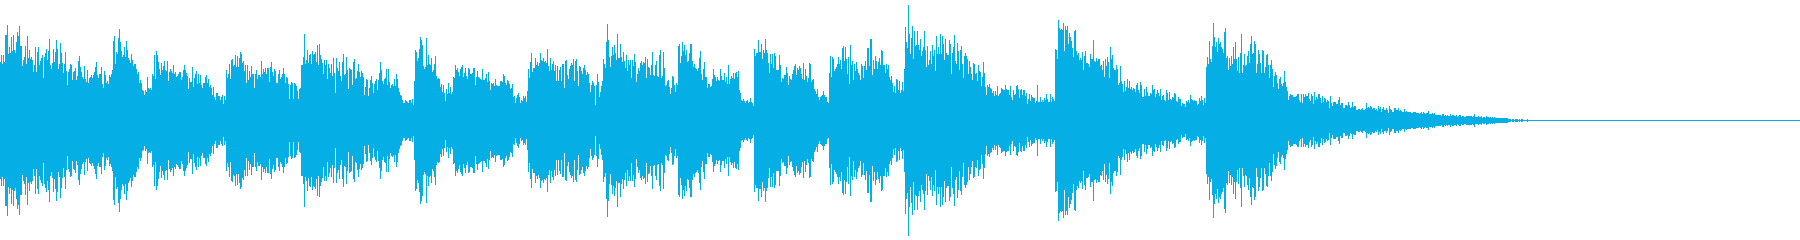 インパクトのあるジングルの再生済みの波形